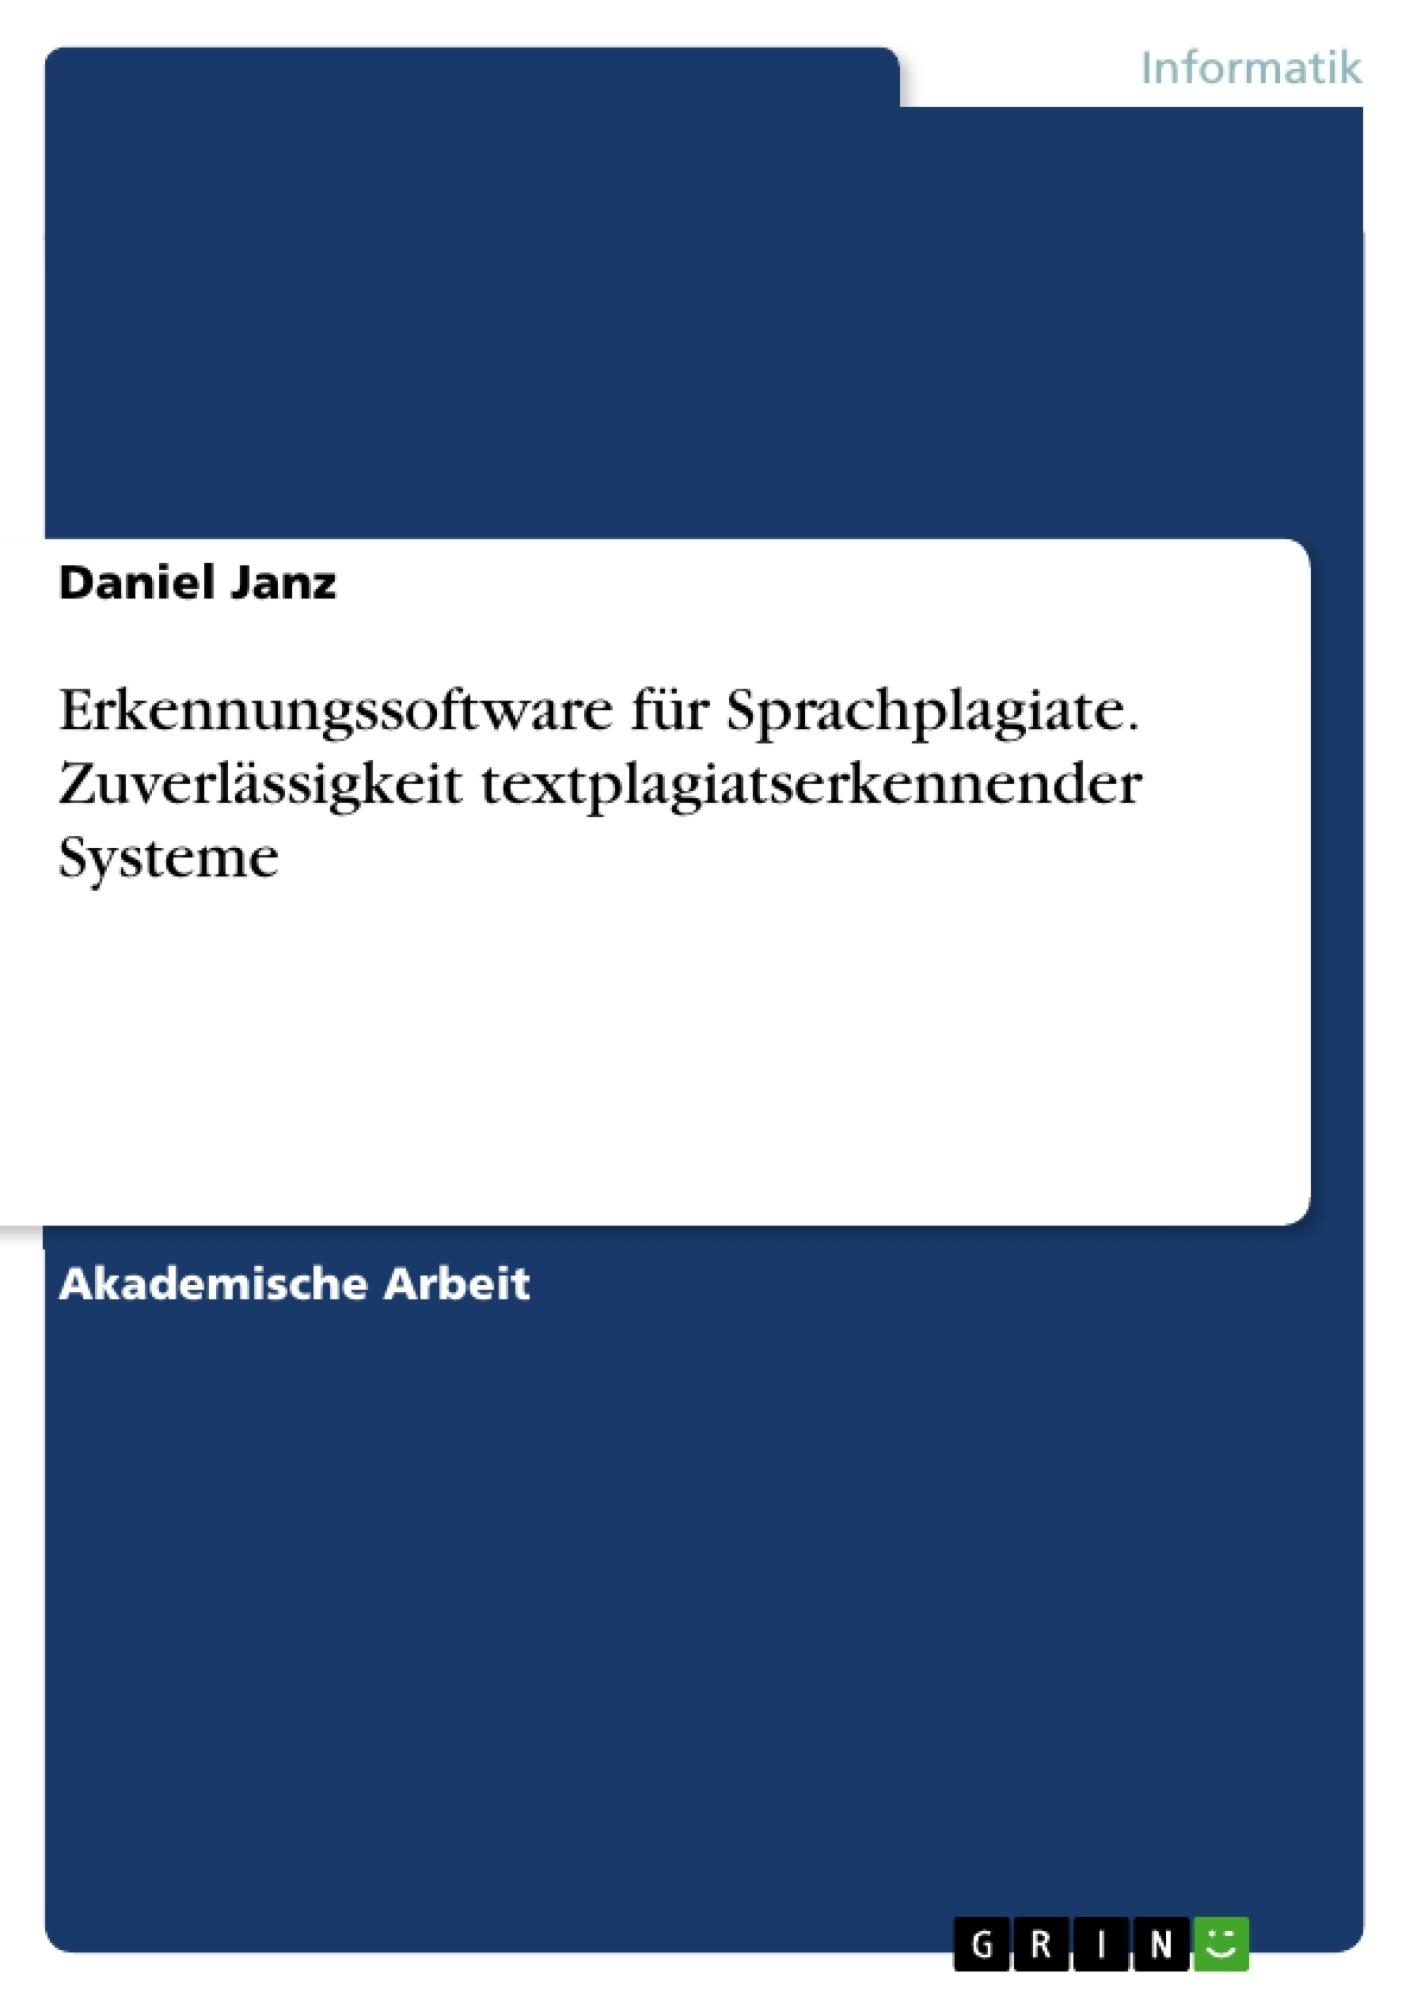 Titel: Erkennungssoftware für Sprachplagiate. Zuverlässigkeit textplagiatserkennender Systeme